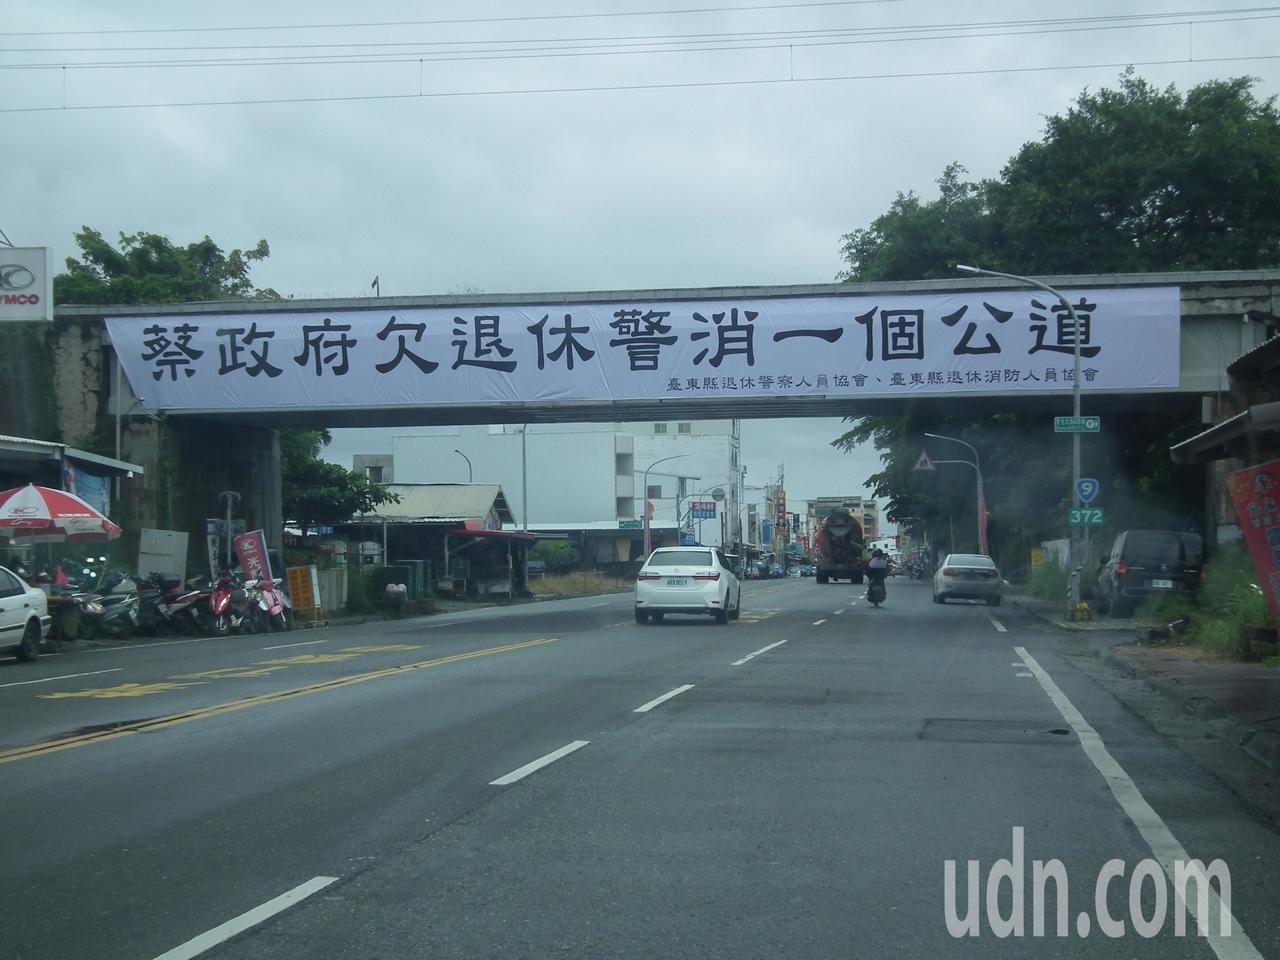 台東市更生北路鐵路橋上,懸掛著「蔡政府欠退休警消一個公道」抗議布條。記者尤聰光/...